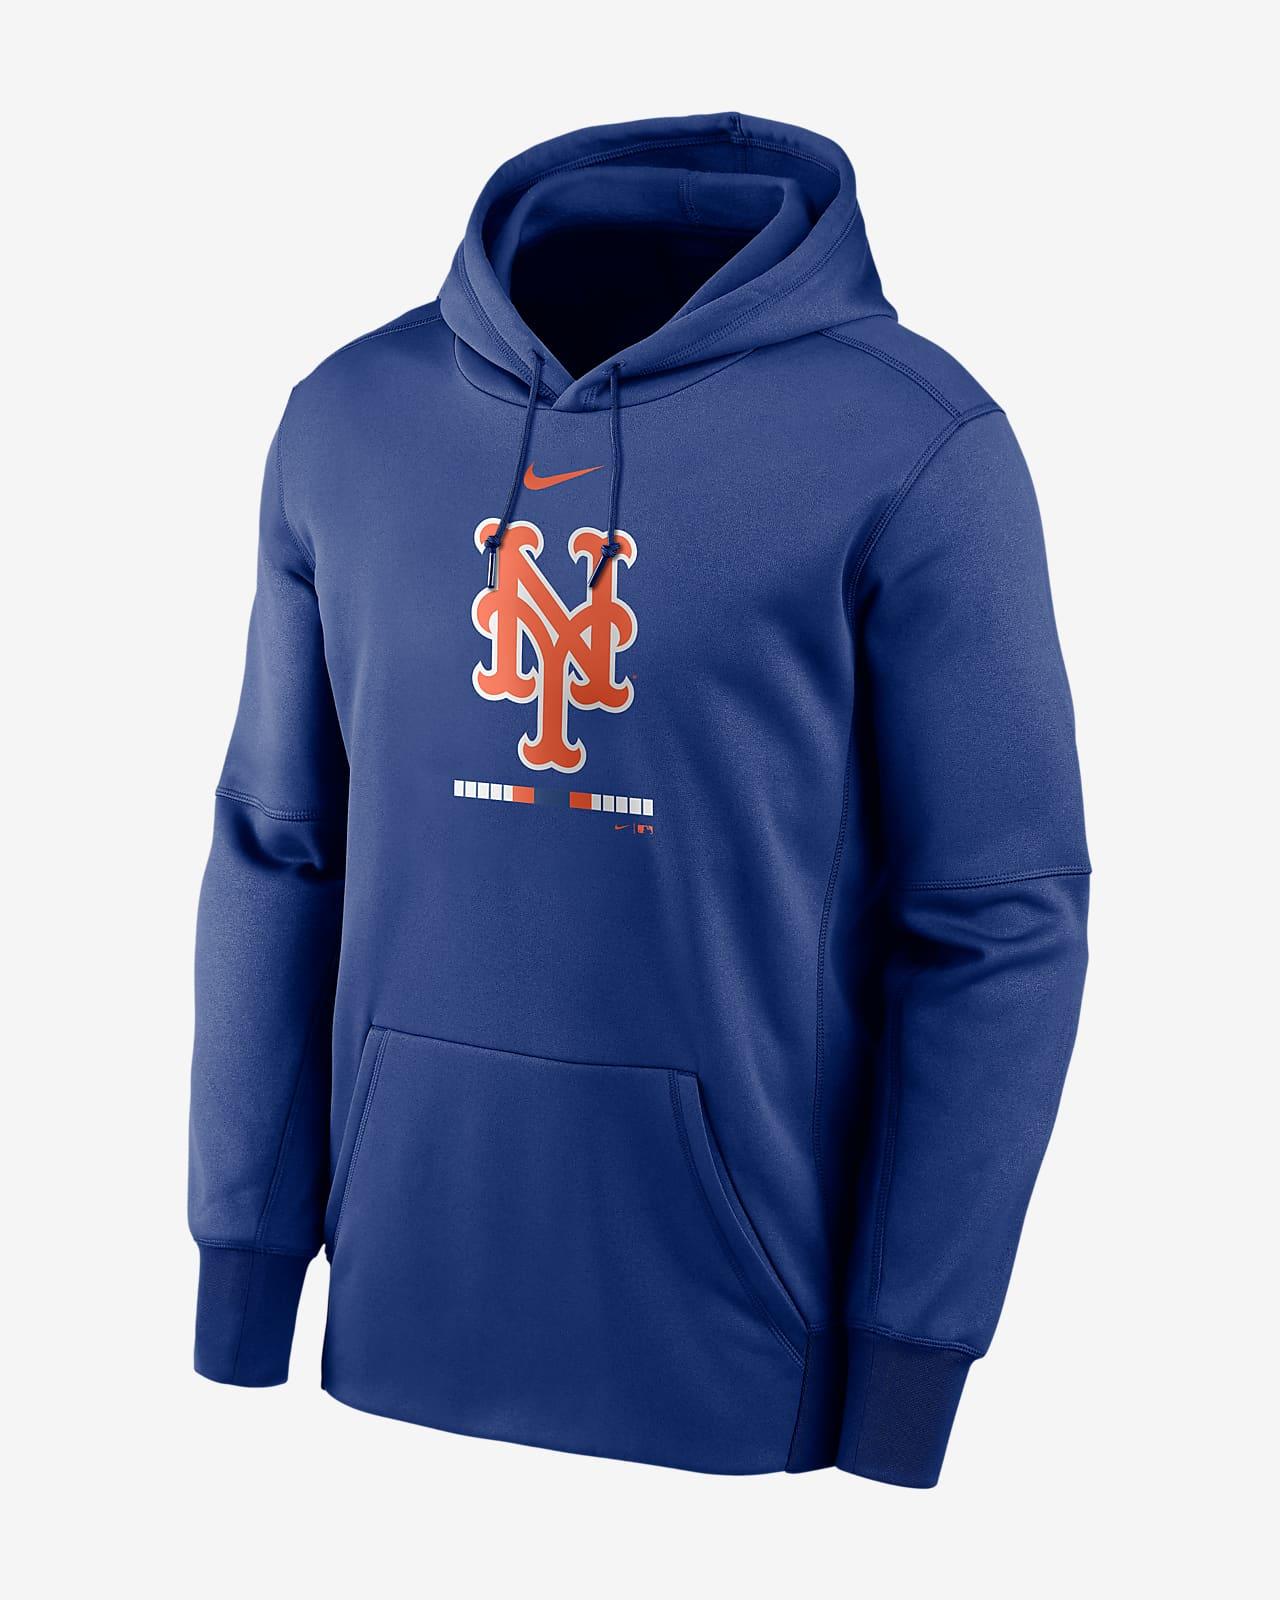 Nike Therma Legacy Performance (MLB New York Mets) Hoodie